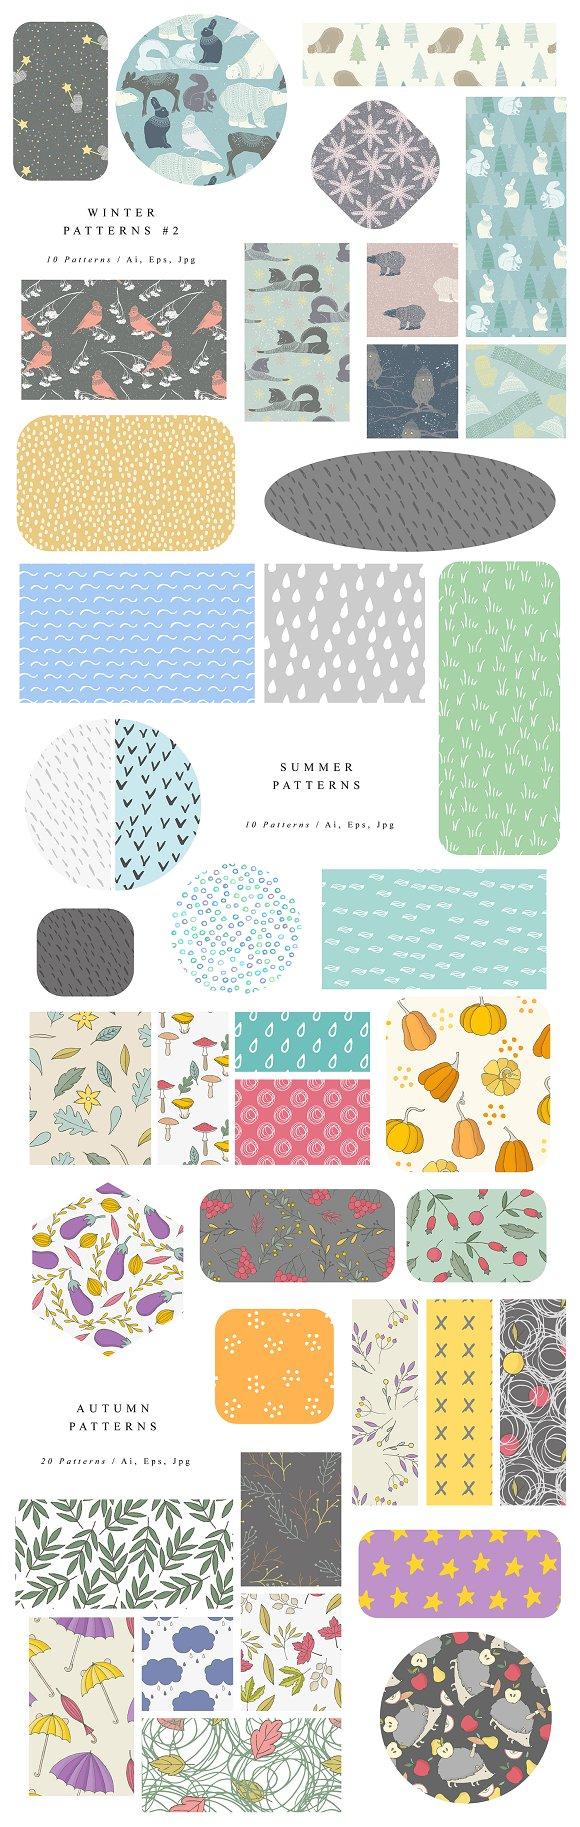 cc5da54e8f7a 1805 Patterns Bundle